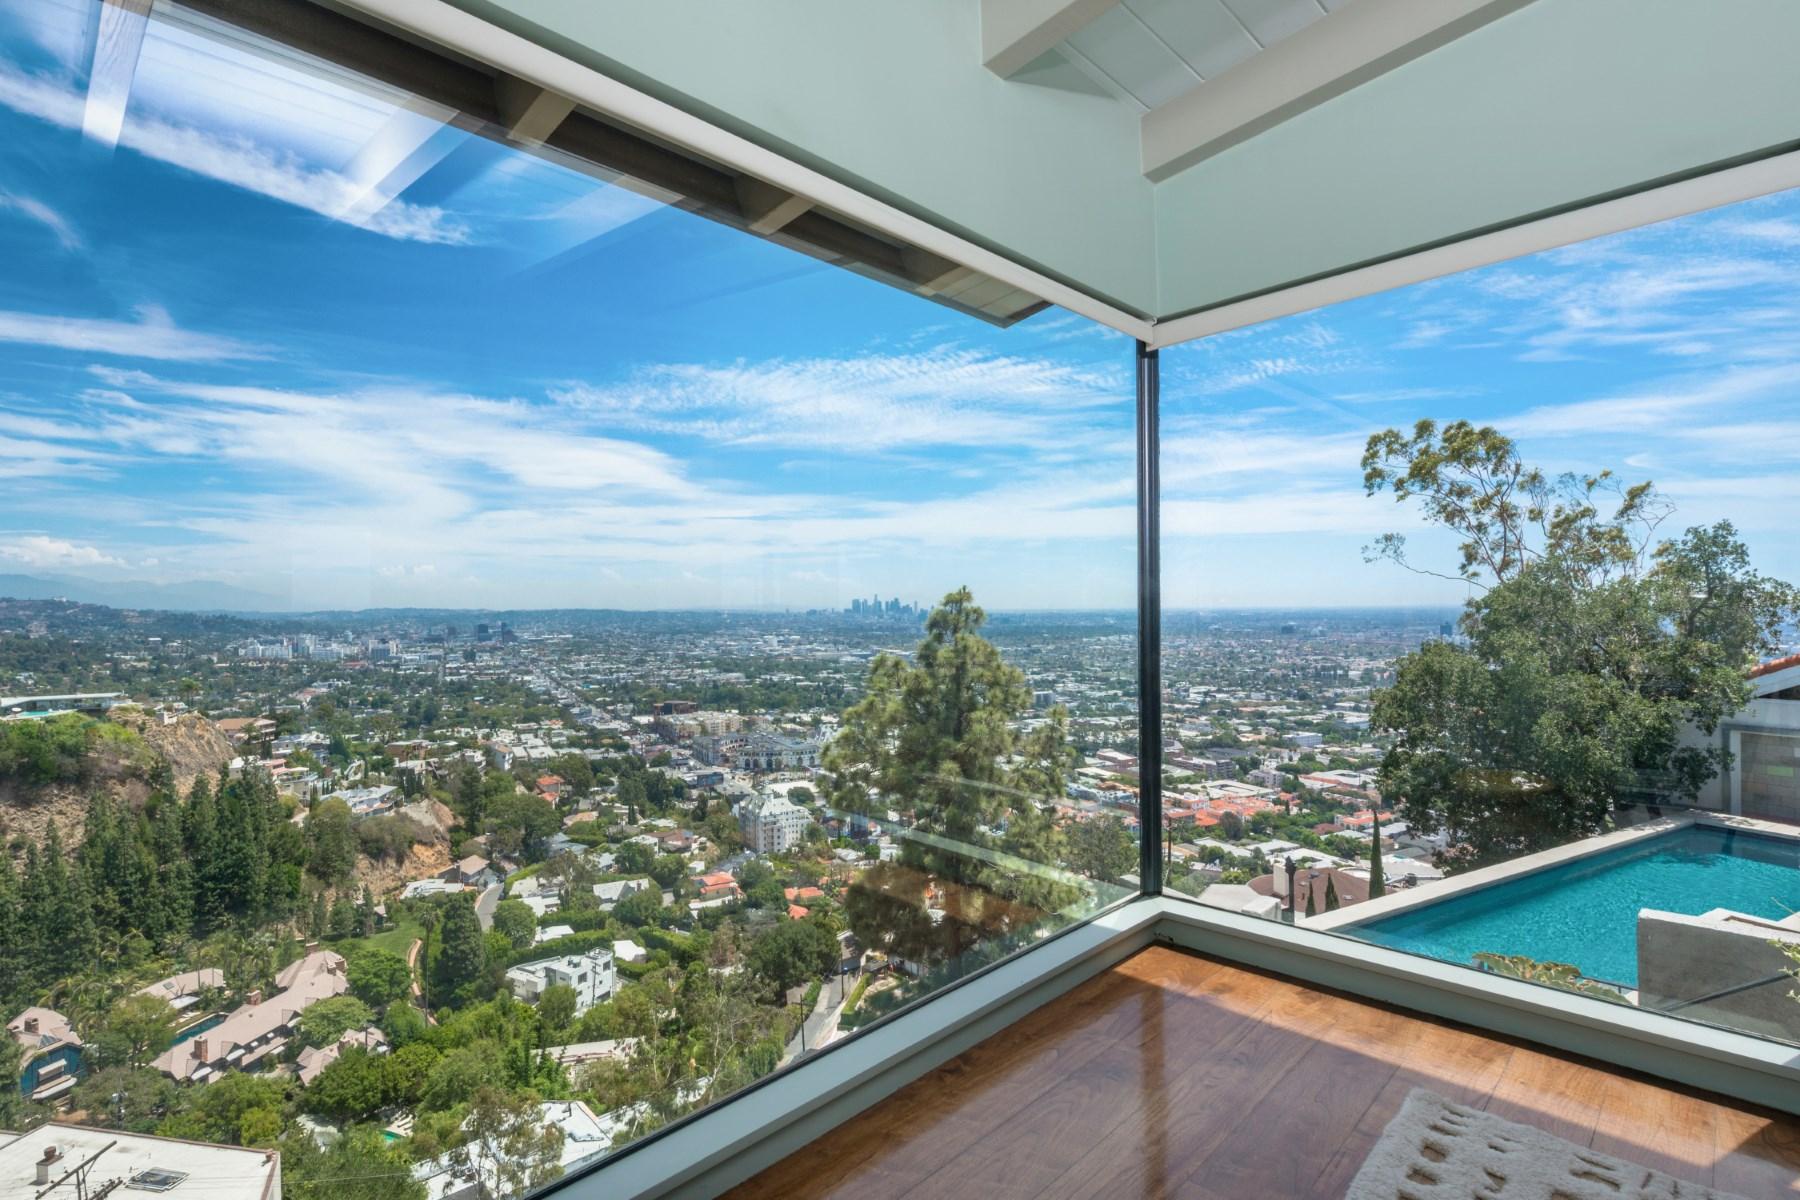 Частный односемейный дом для того Продажа на Sunset Strip Architectural Compound 8570 Hillside Avenue Los Angeles, Калифорния, 90069 Соединенные Штаты